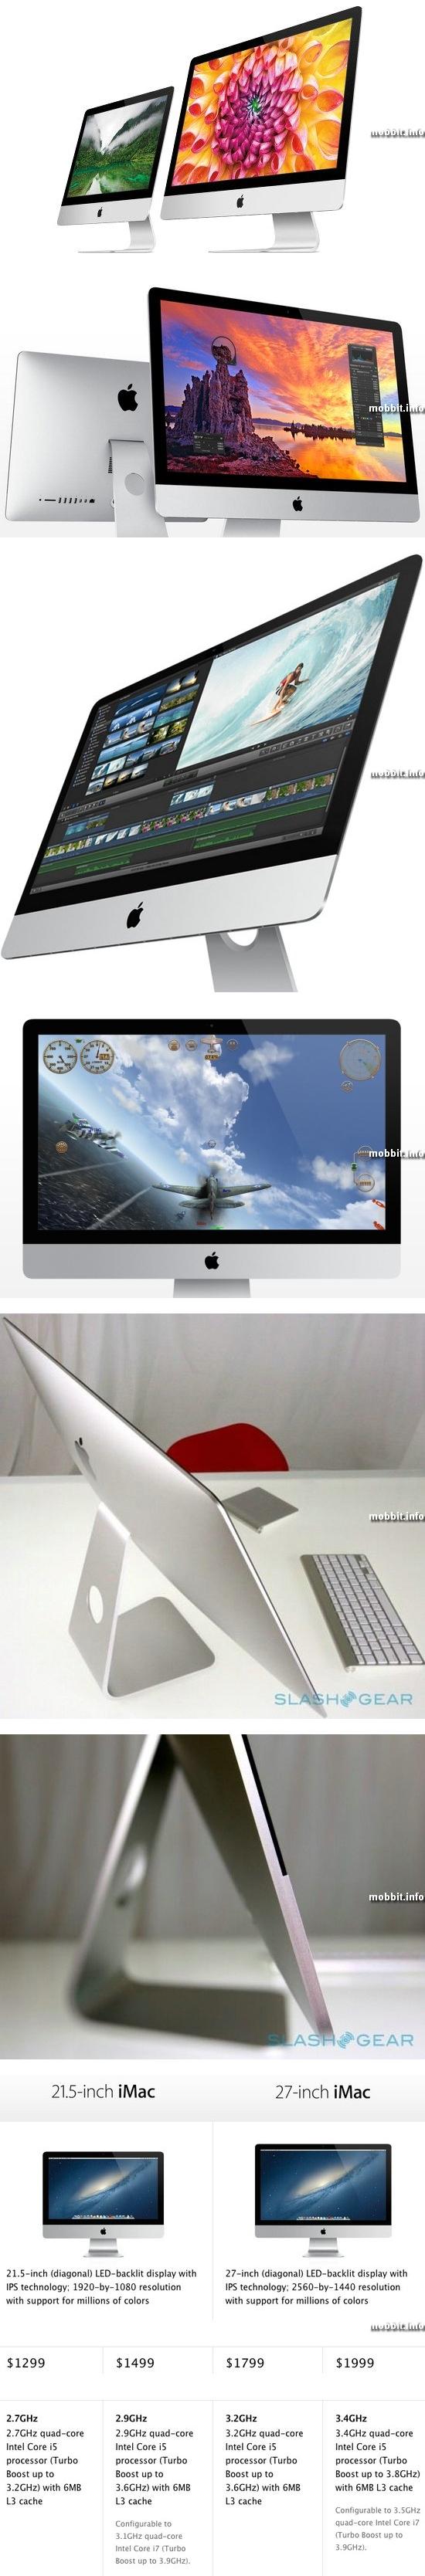 Новое поколение моноблоков Apple iMac